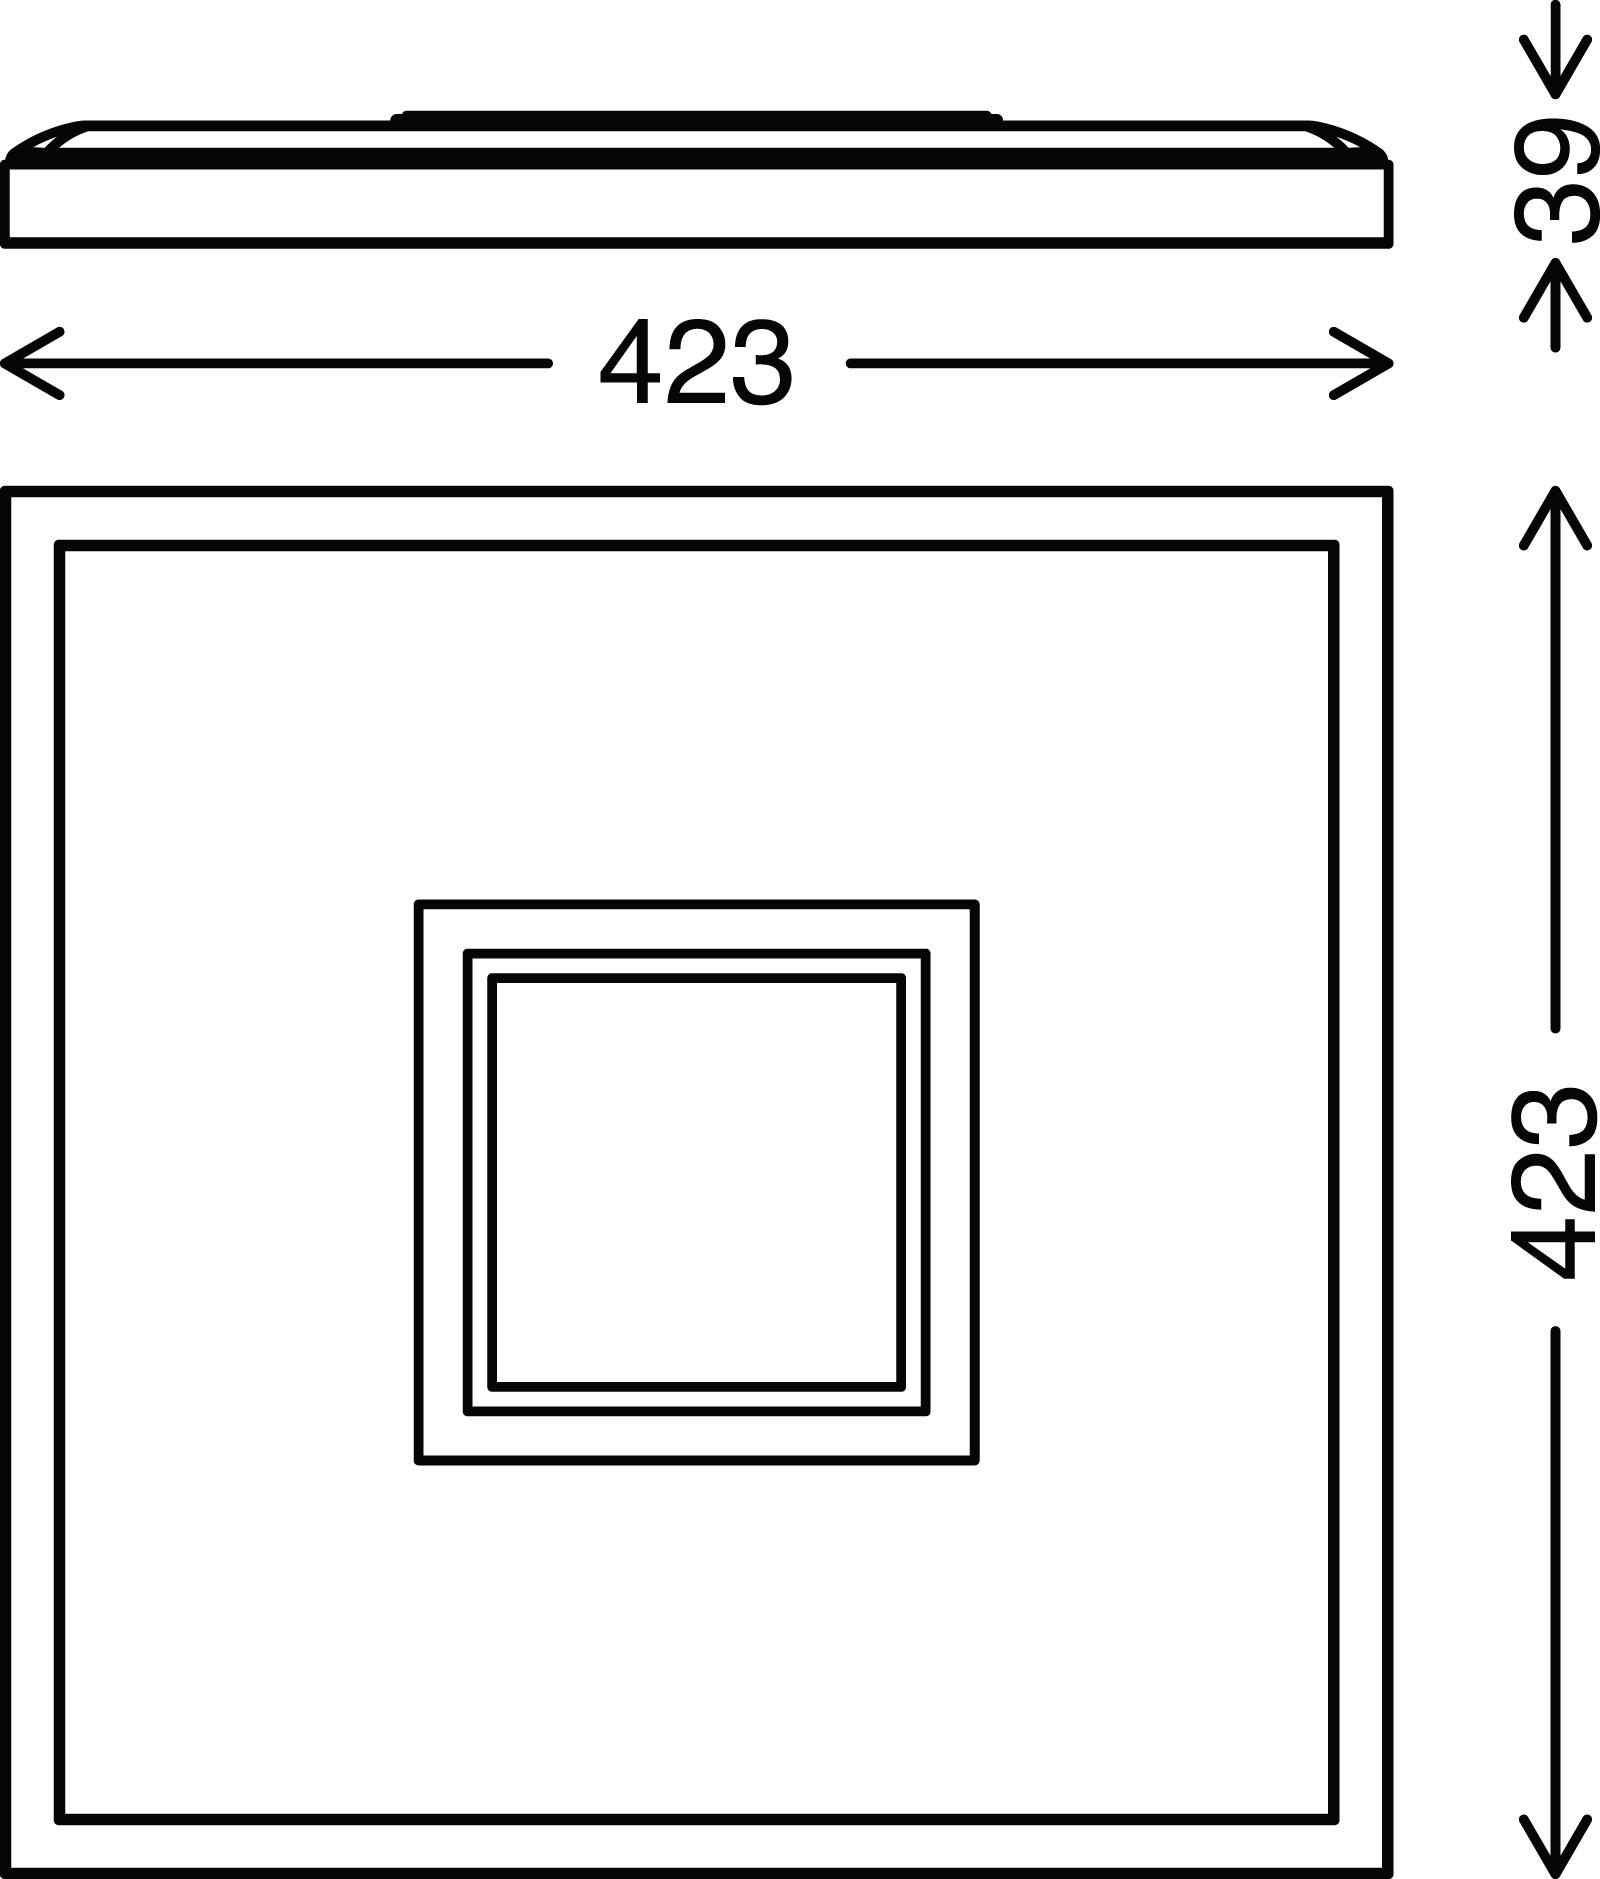 LED Panel, 42,3 cm, 3000 LUMEN, 22 WATT, Matt-Nickel